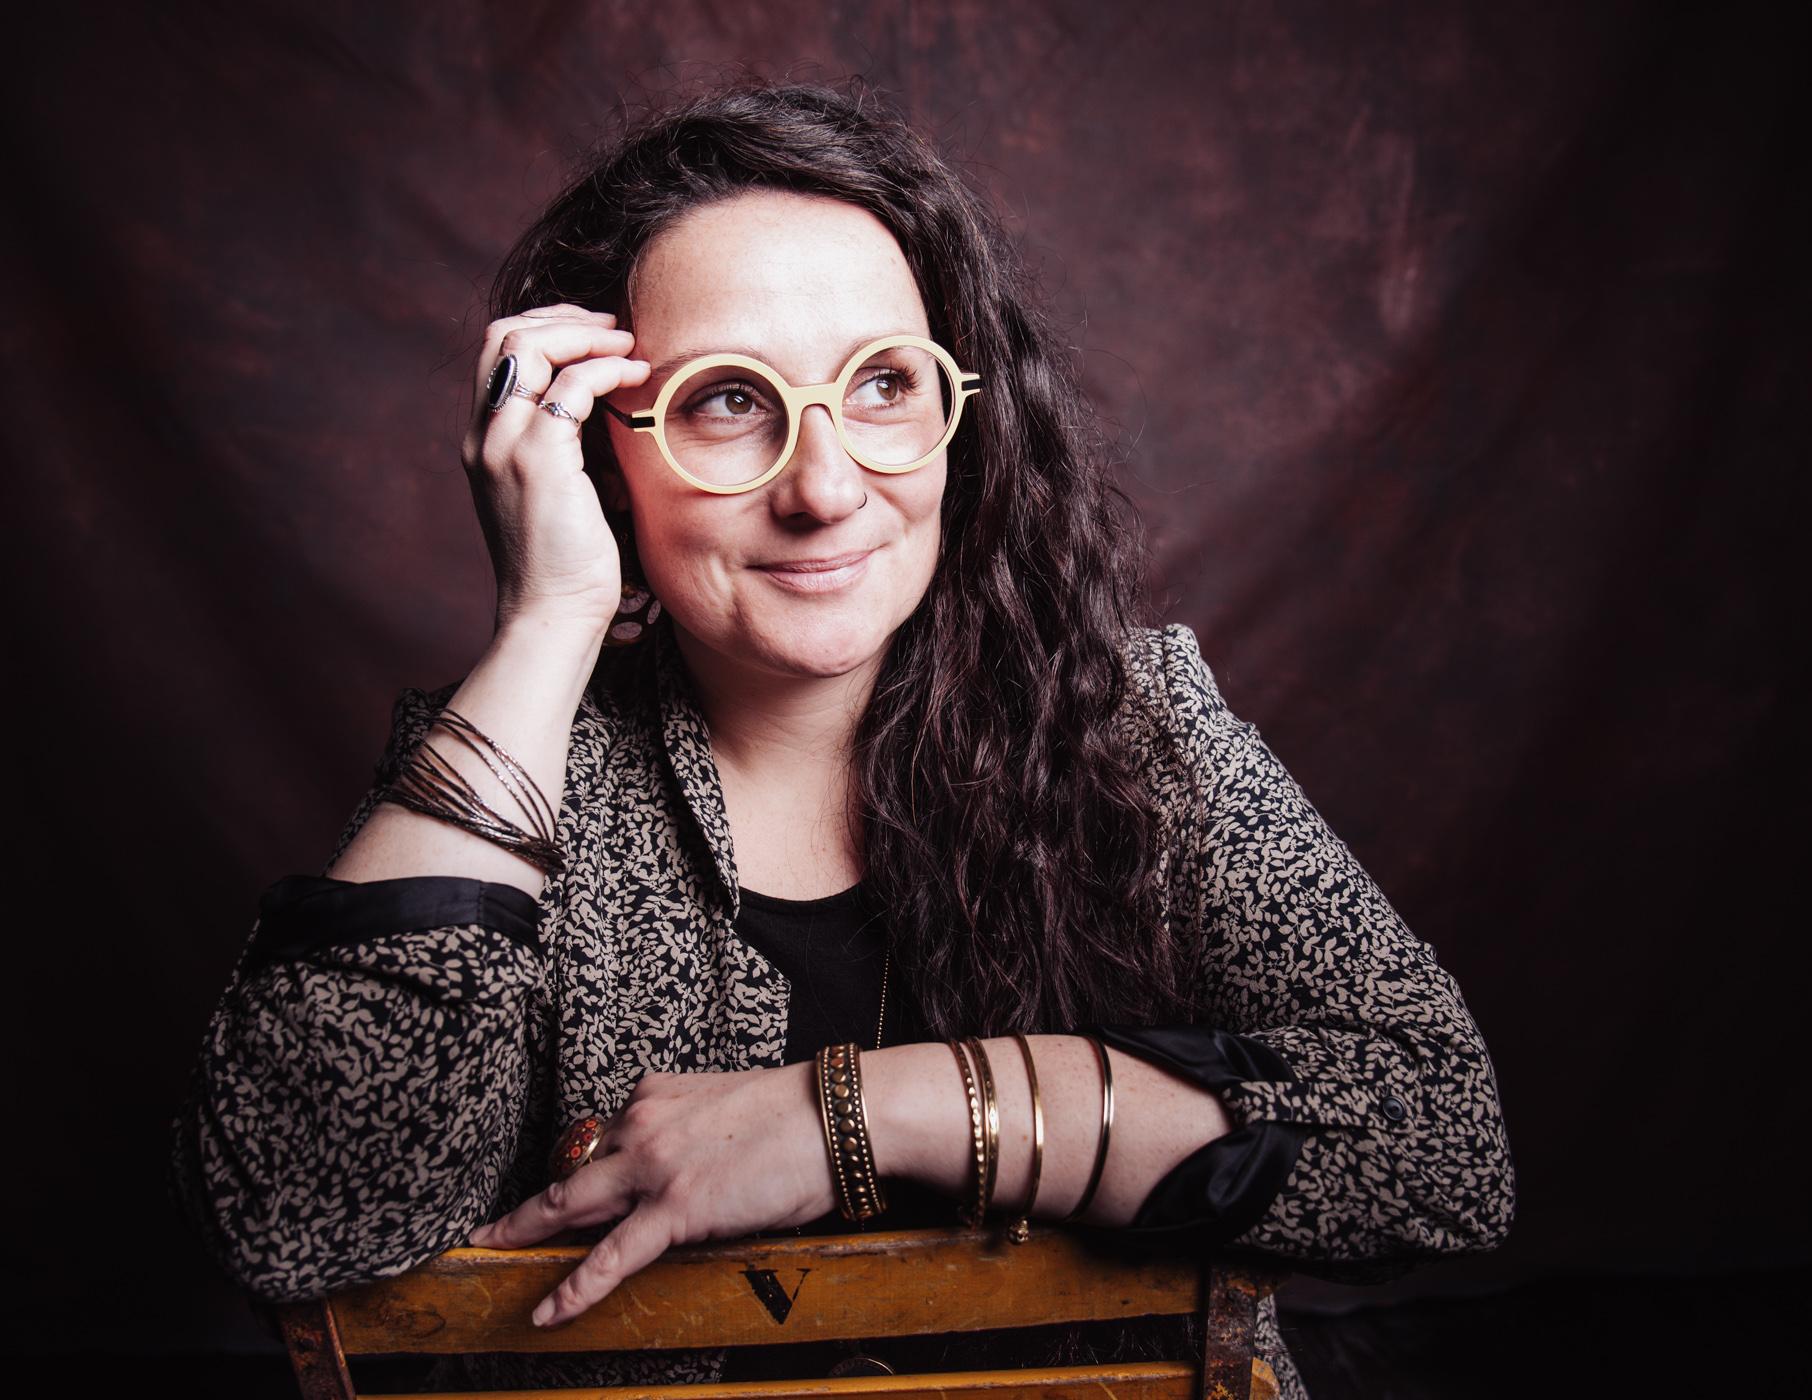 portrait d une femme avec des lunettes jaune assise sur une chaise jaune, studio rennes